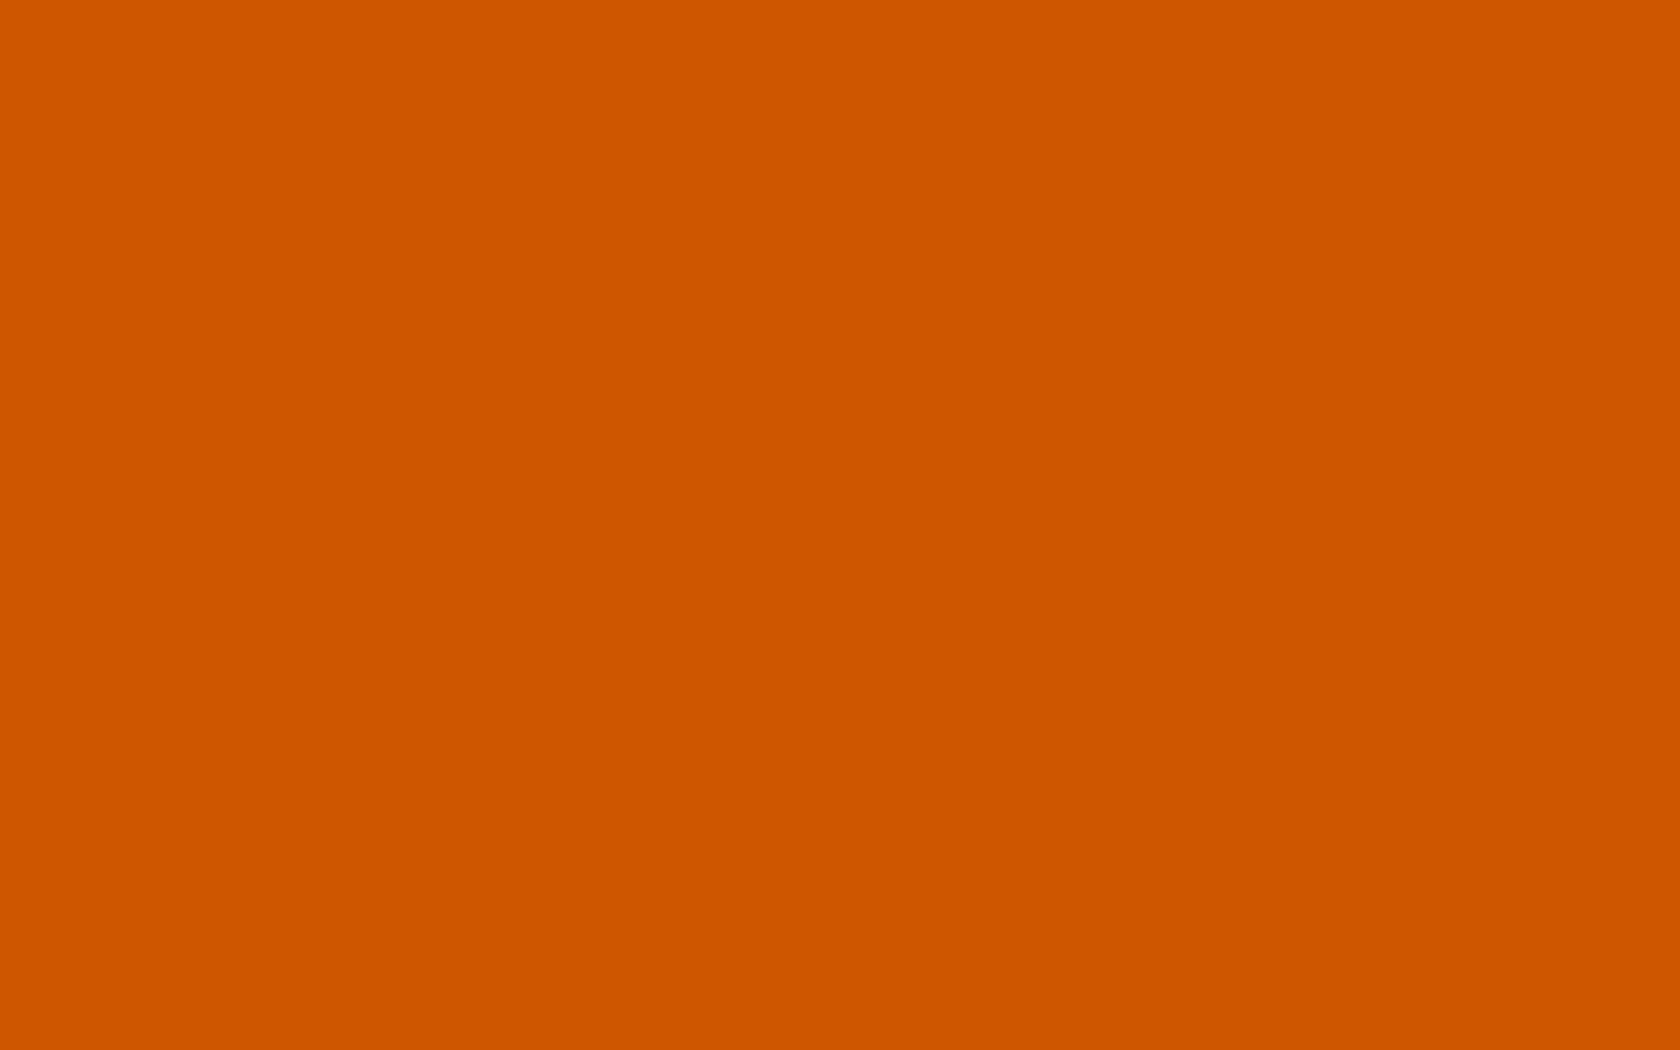 1680x1050 Burnt Orange Solid Color Background